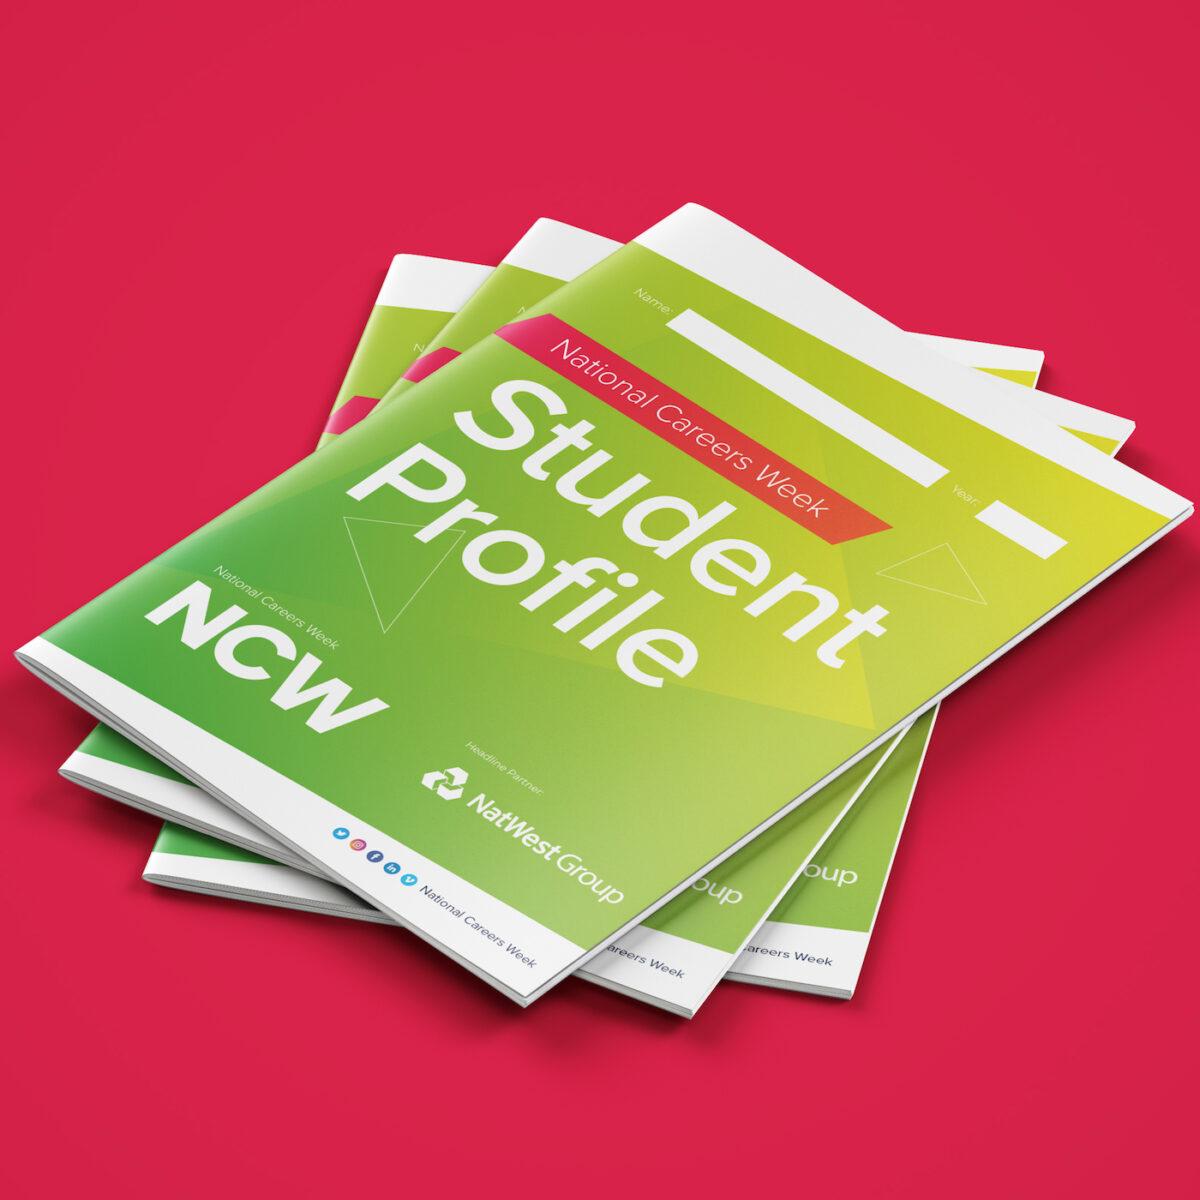 National Careers Week student profile booklet mockup.